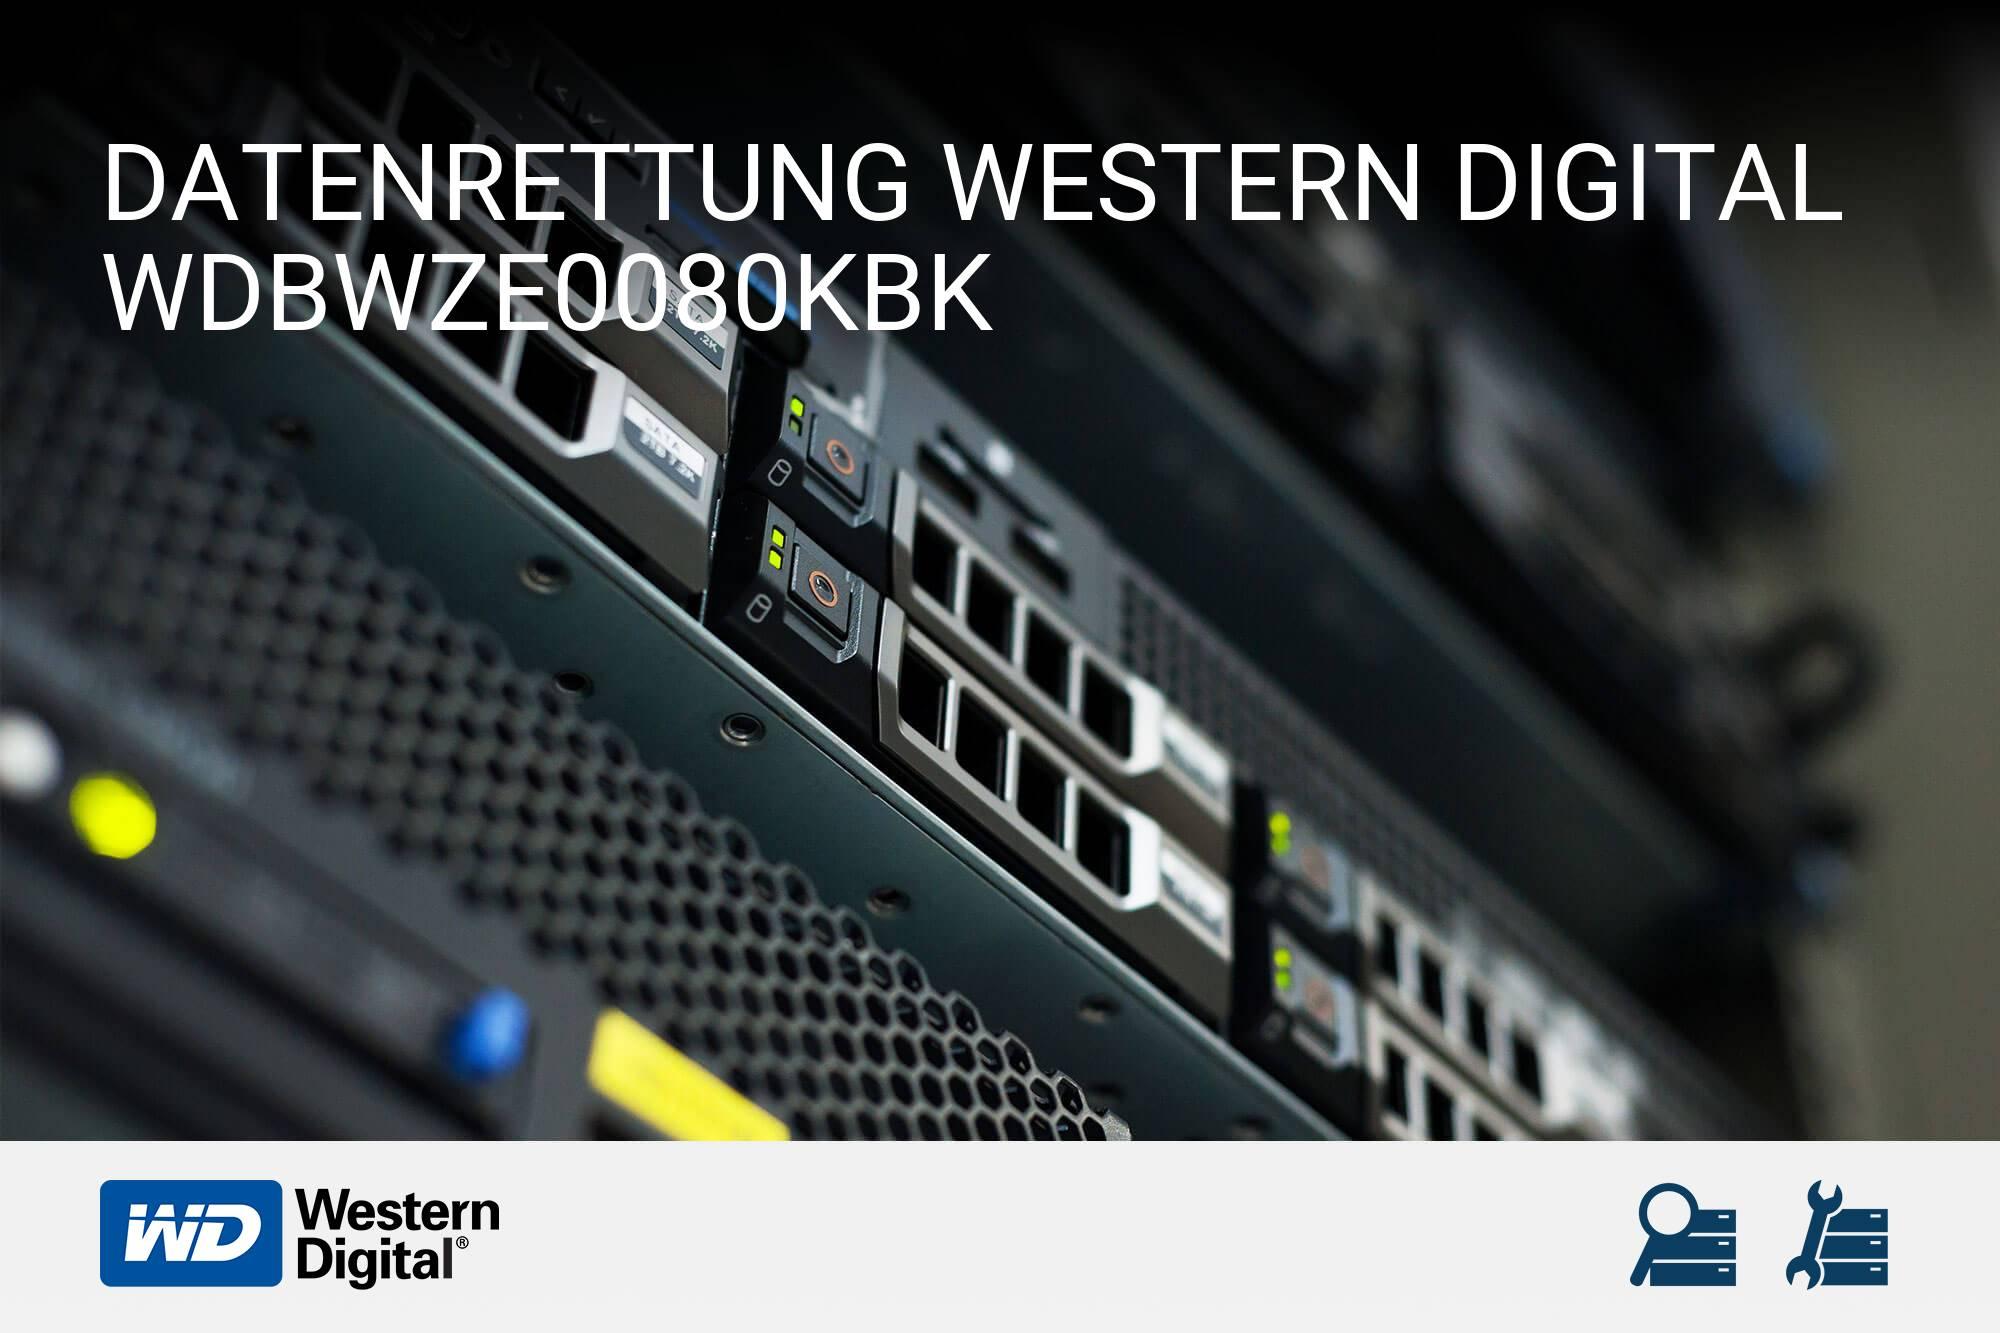 Western Digital WDBWZE0080KBK